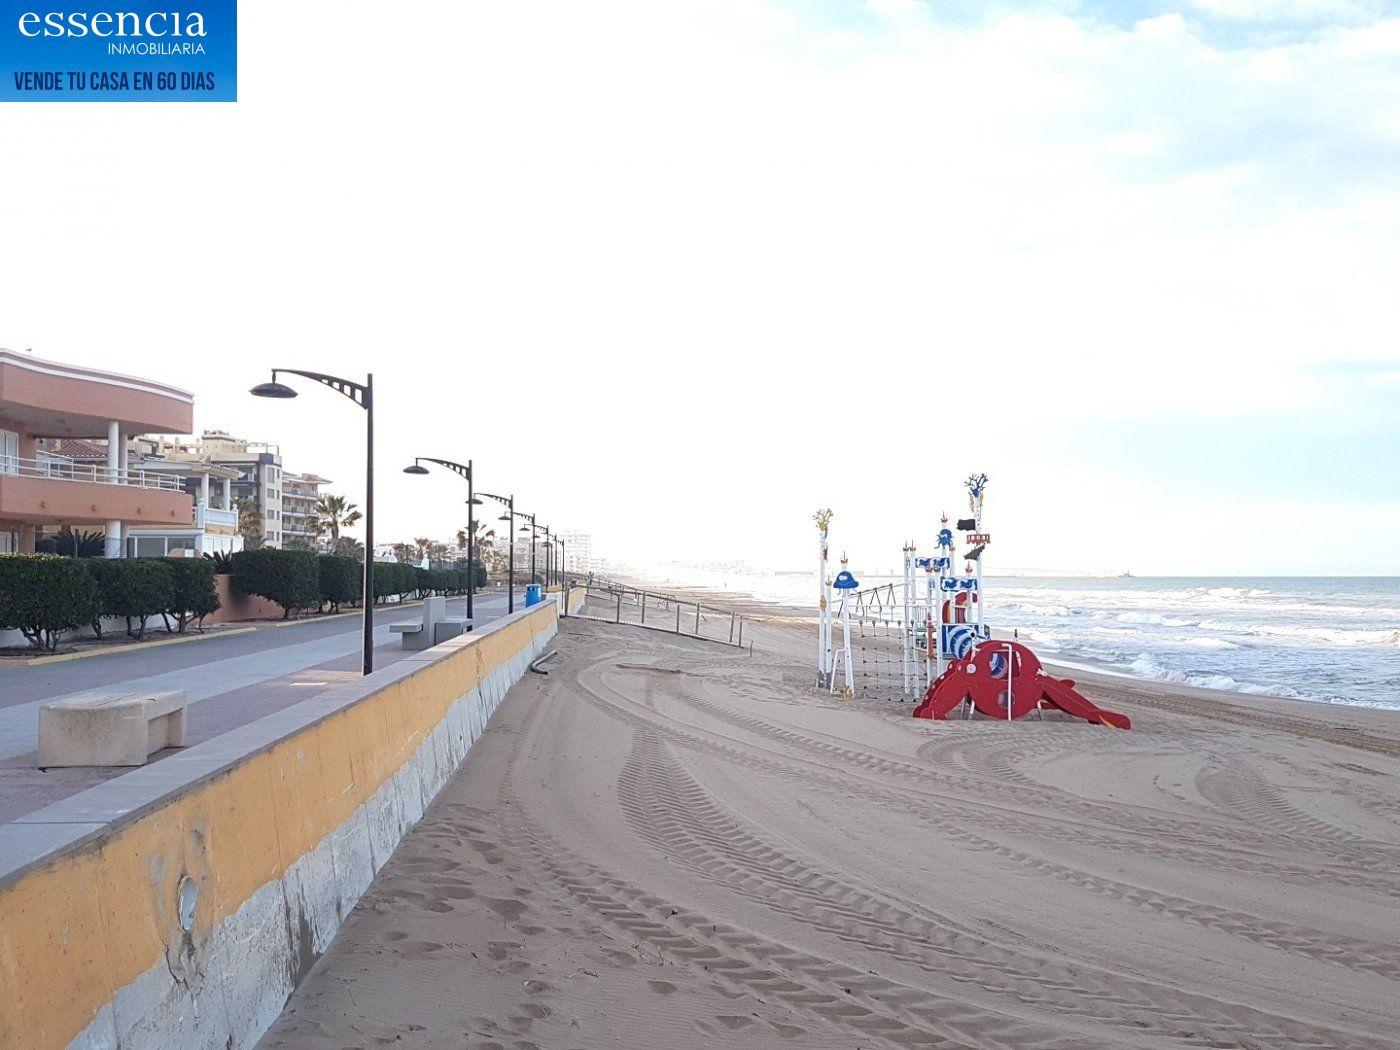 Apartamento con vistas al mar en playa de bellreguard.  garaje y piscina. - imagenInmueble23